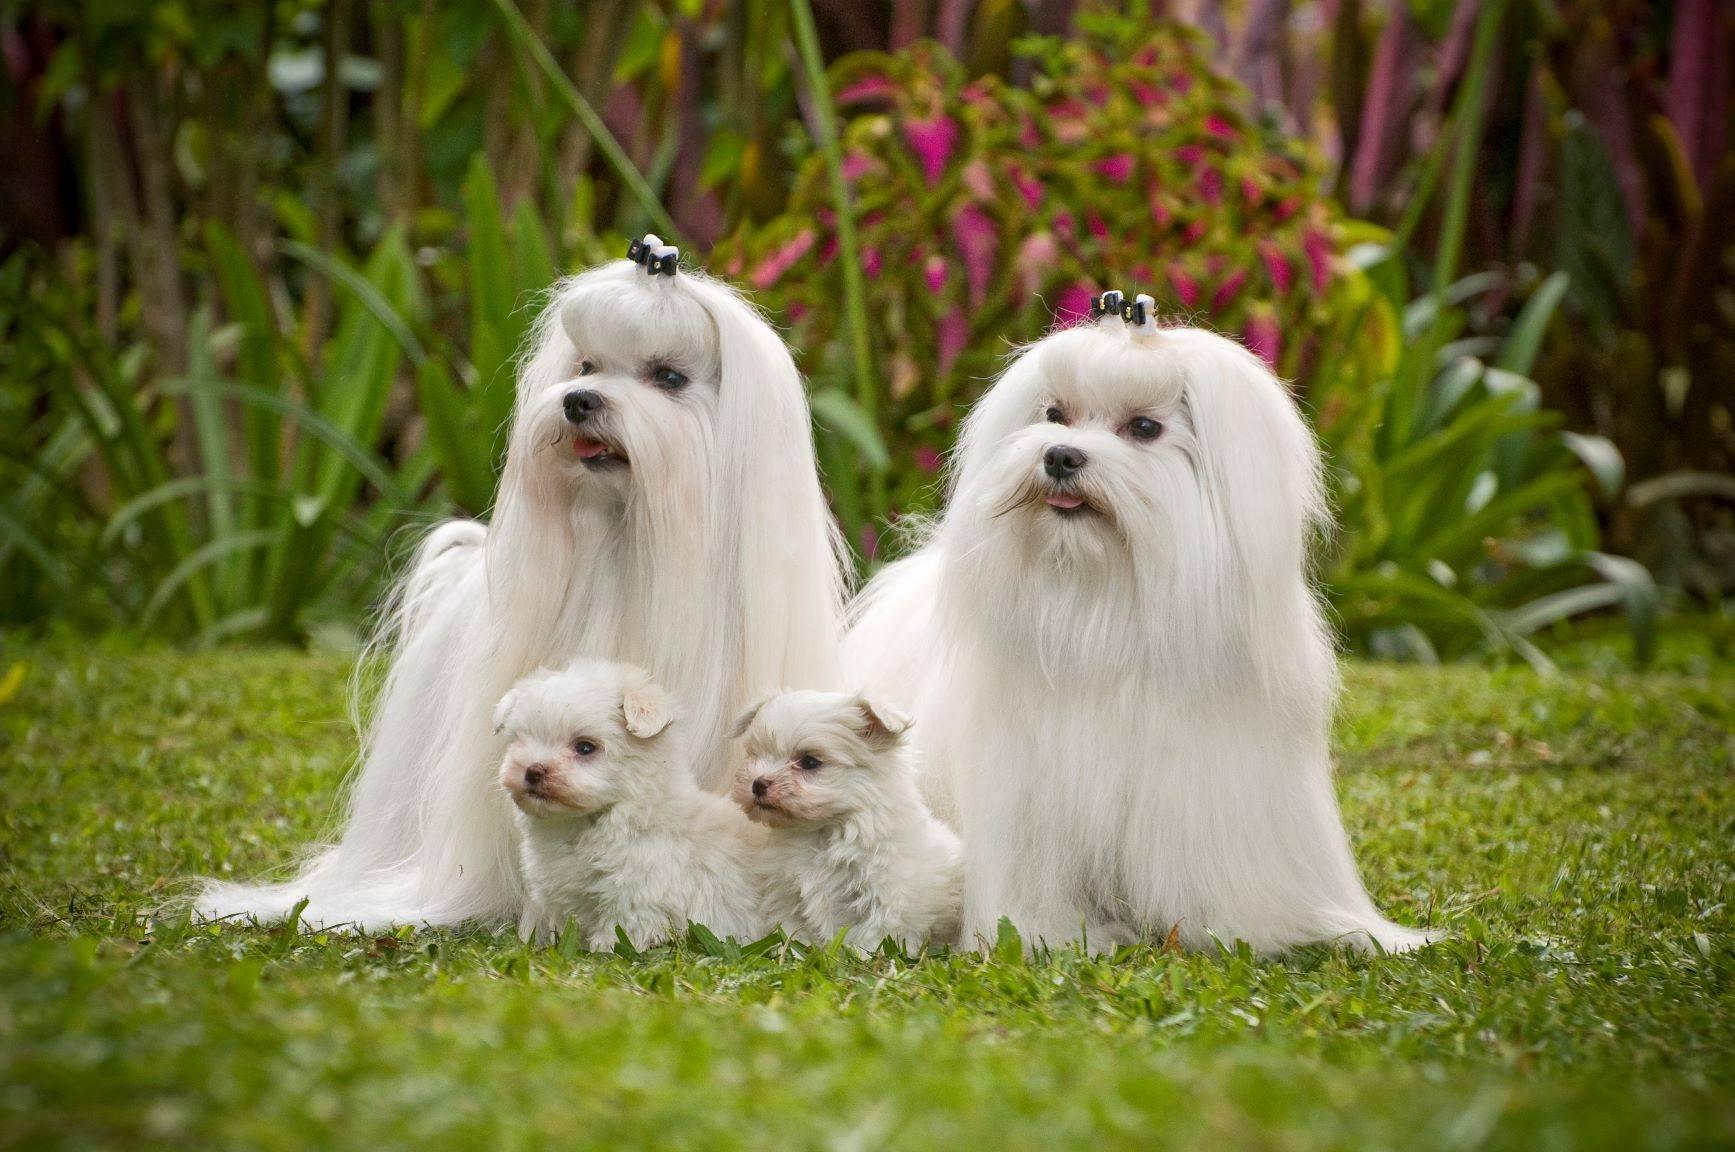 Мальтезе: мини и стандарт, разница между ними, характеристики взрослых особей и щенков мальтийской болонки, сравнение с другими маленькими собаками, фото